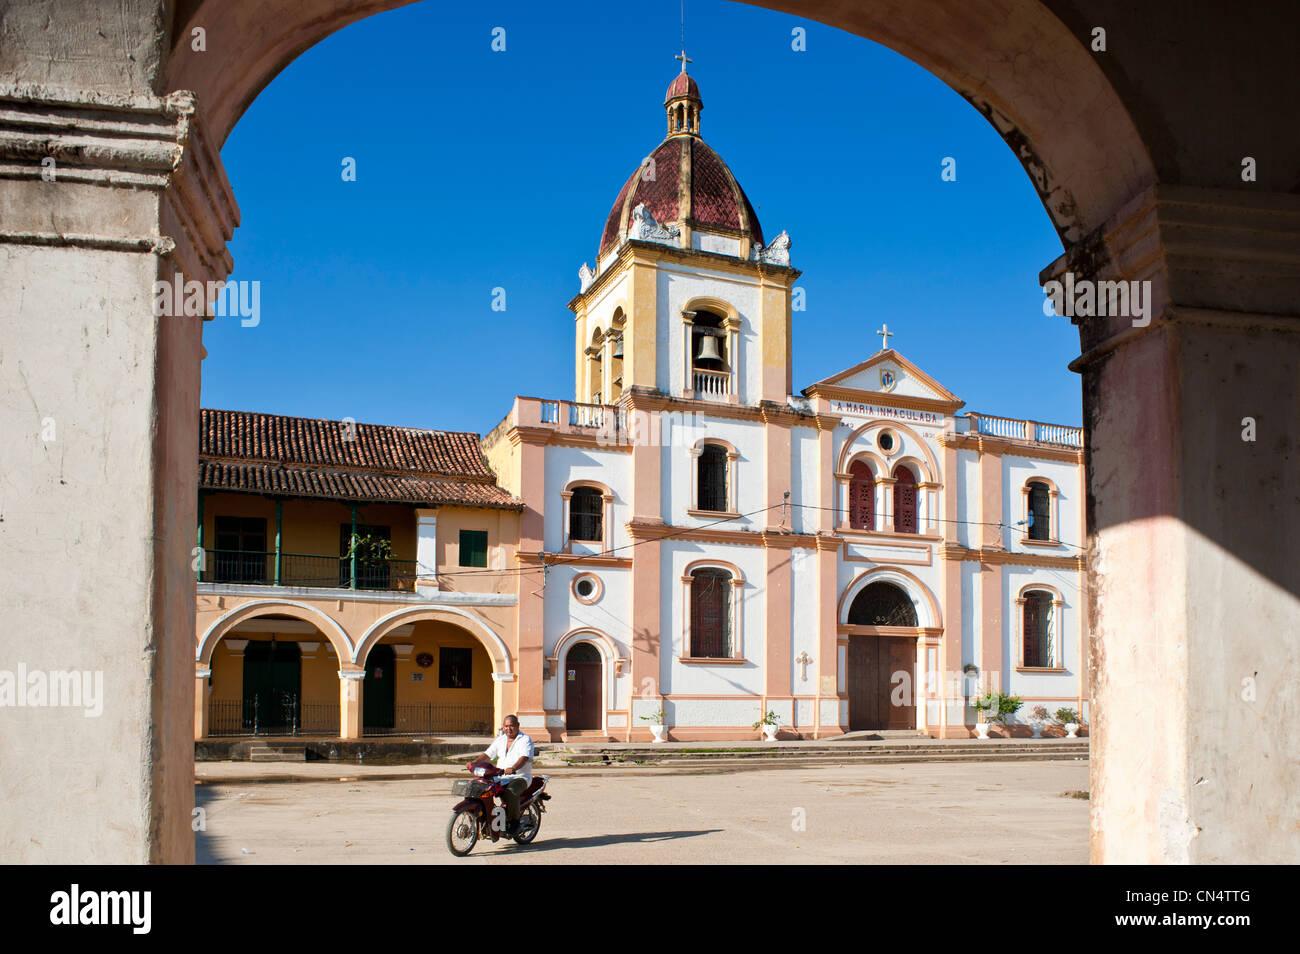 Colombia, departamento de Bolivar, Mompox (o Mompos), ciudad fundada en 1540 y catalogado como Patrimonio Mundial Imagen De Stock